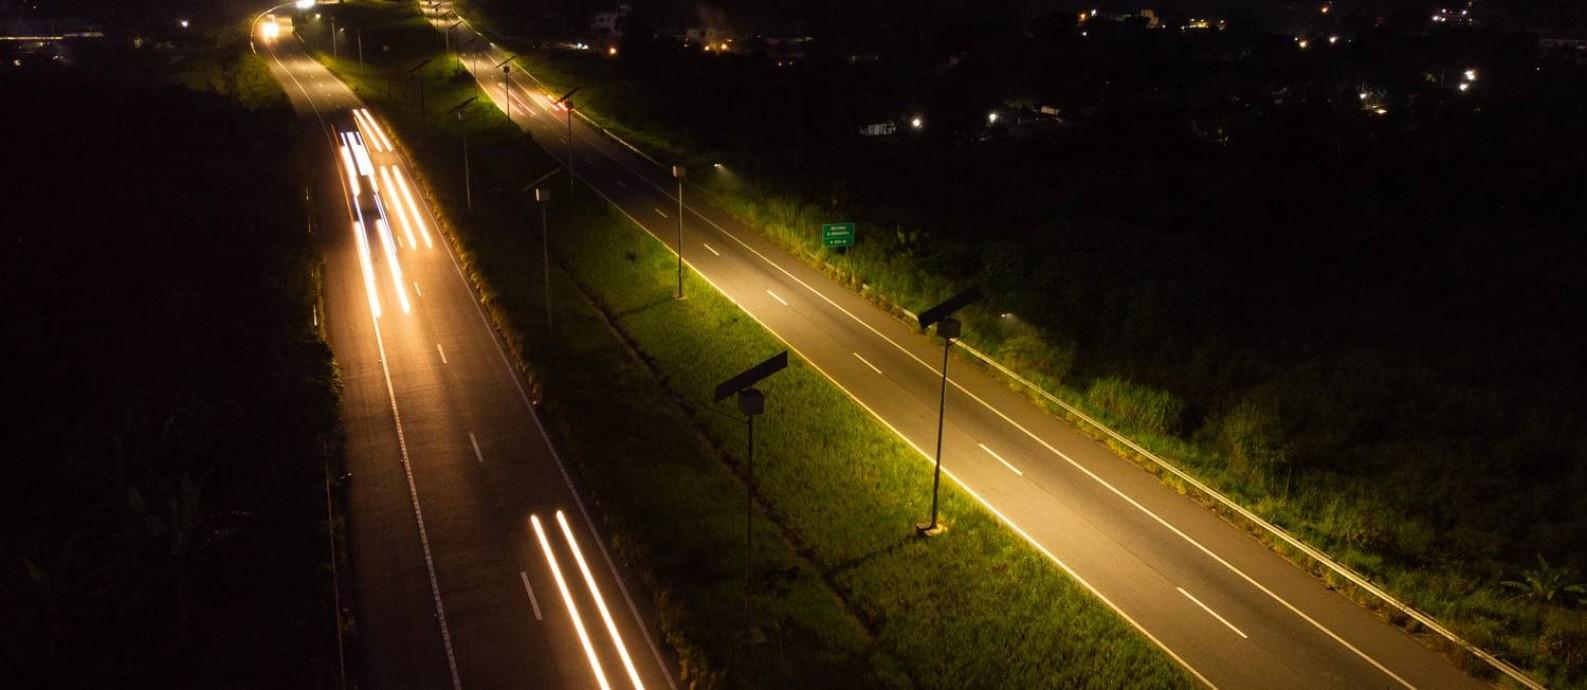 À noite, apenas o farol dos carros ilumina o Arco Metropolitano Foto: Brenno Carvalho / Agência O Globo